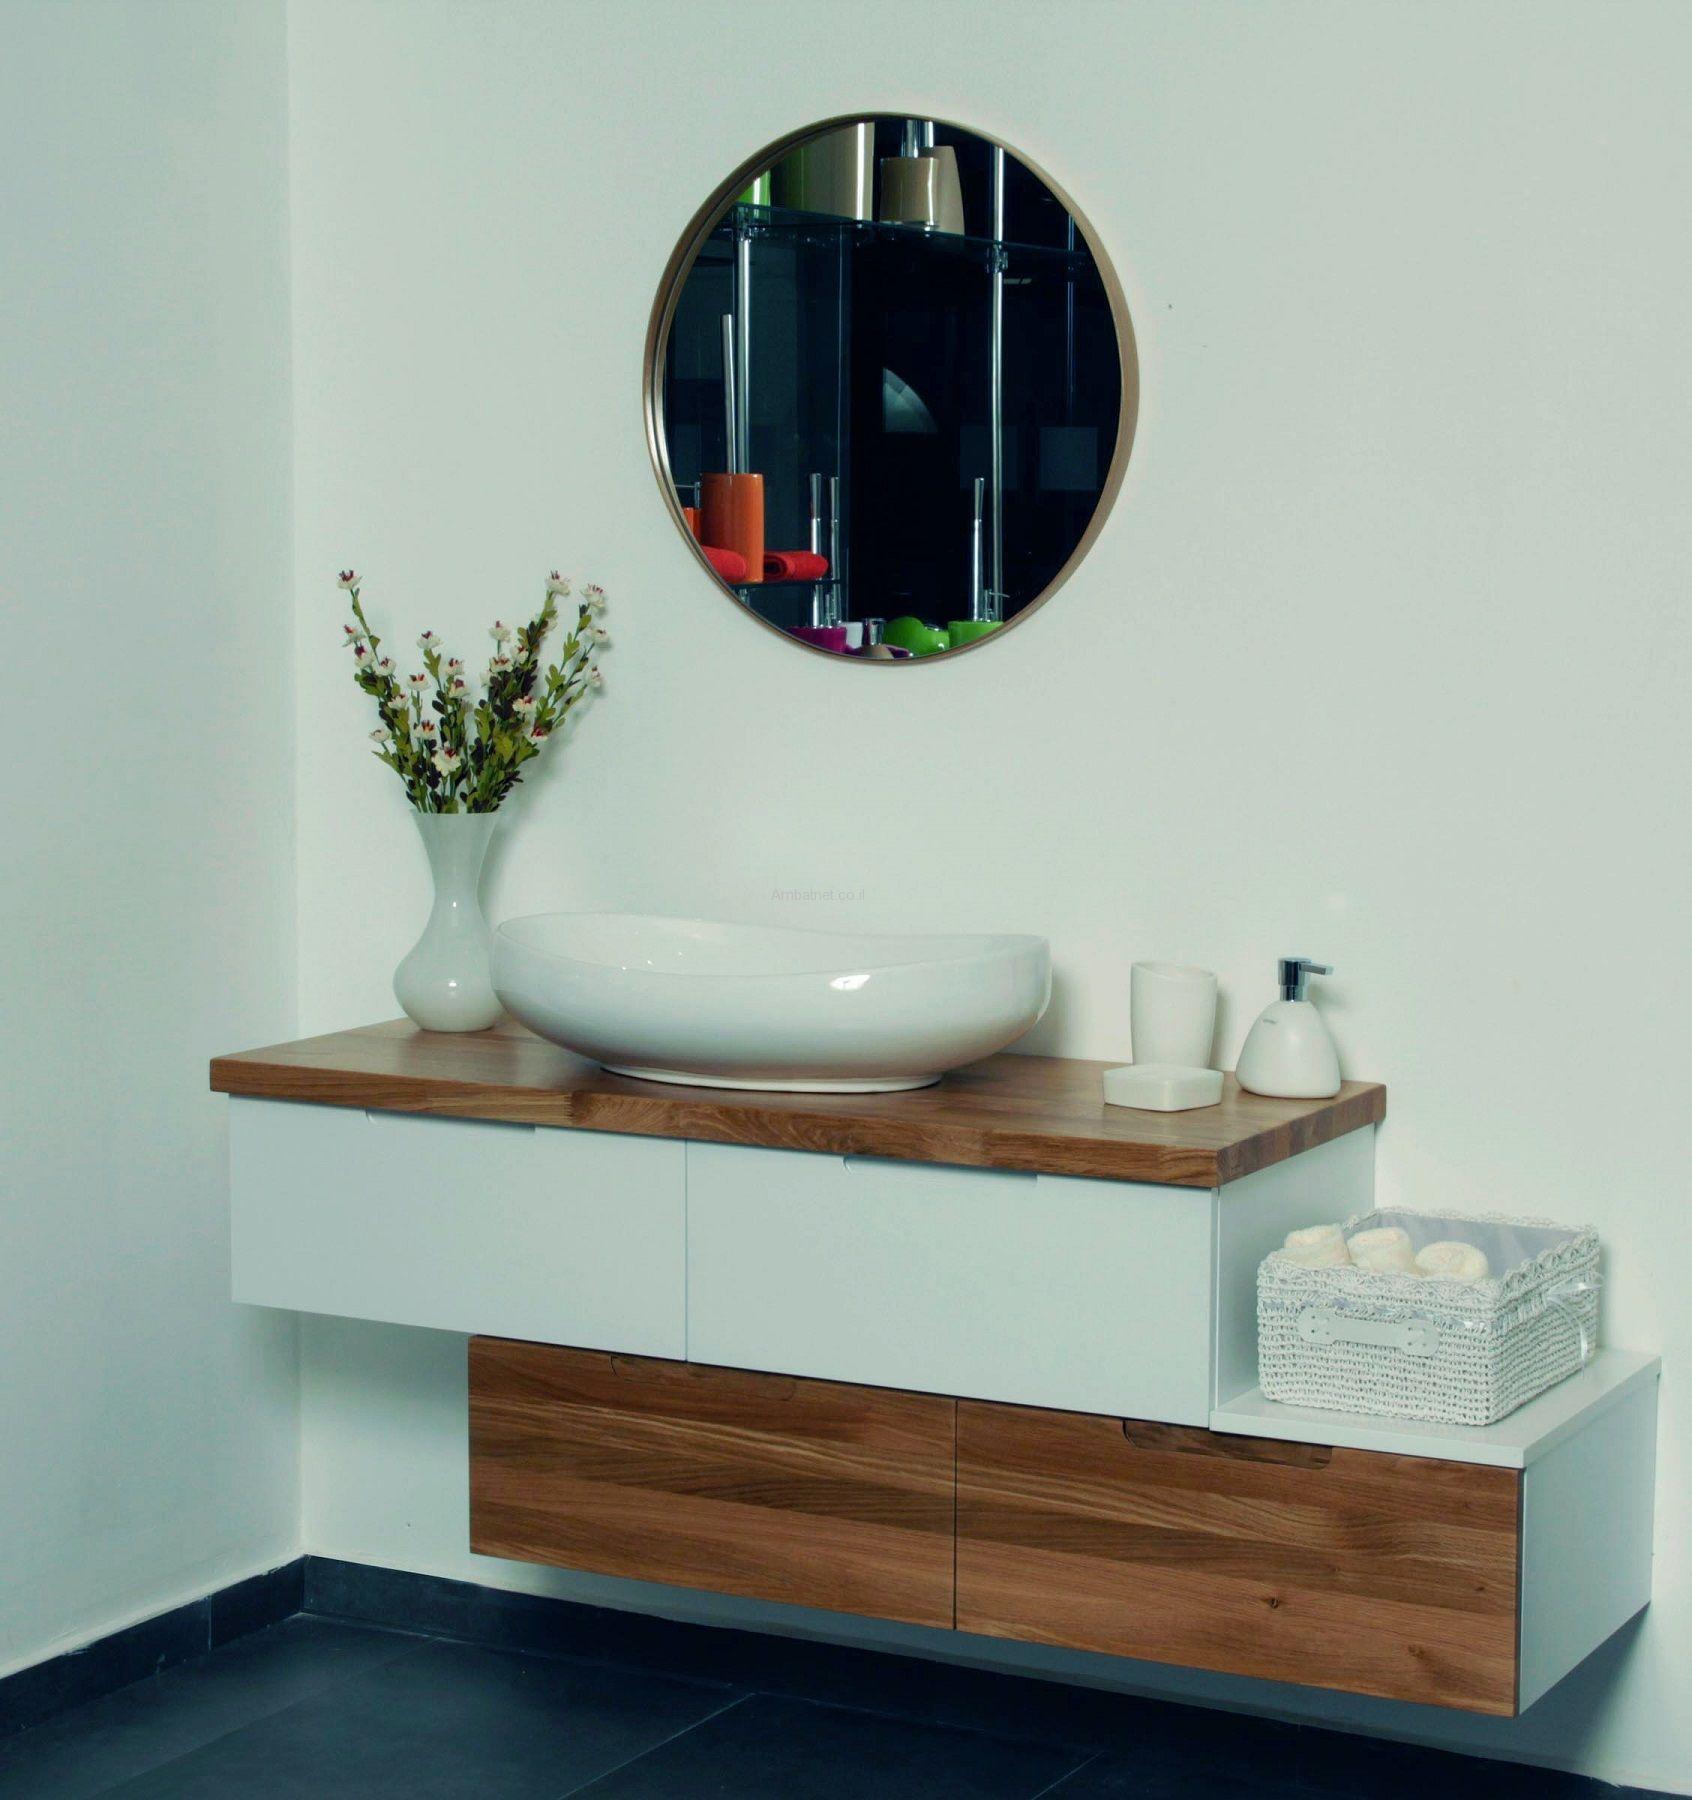 ארון אמבטיה מדורג תלוי